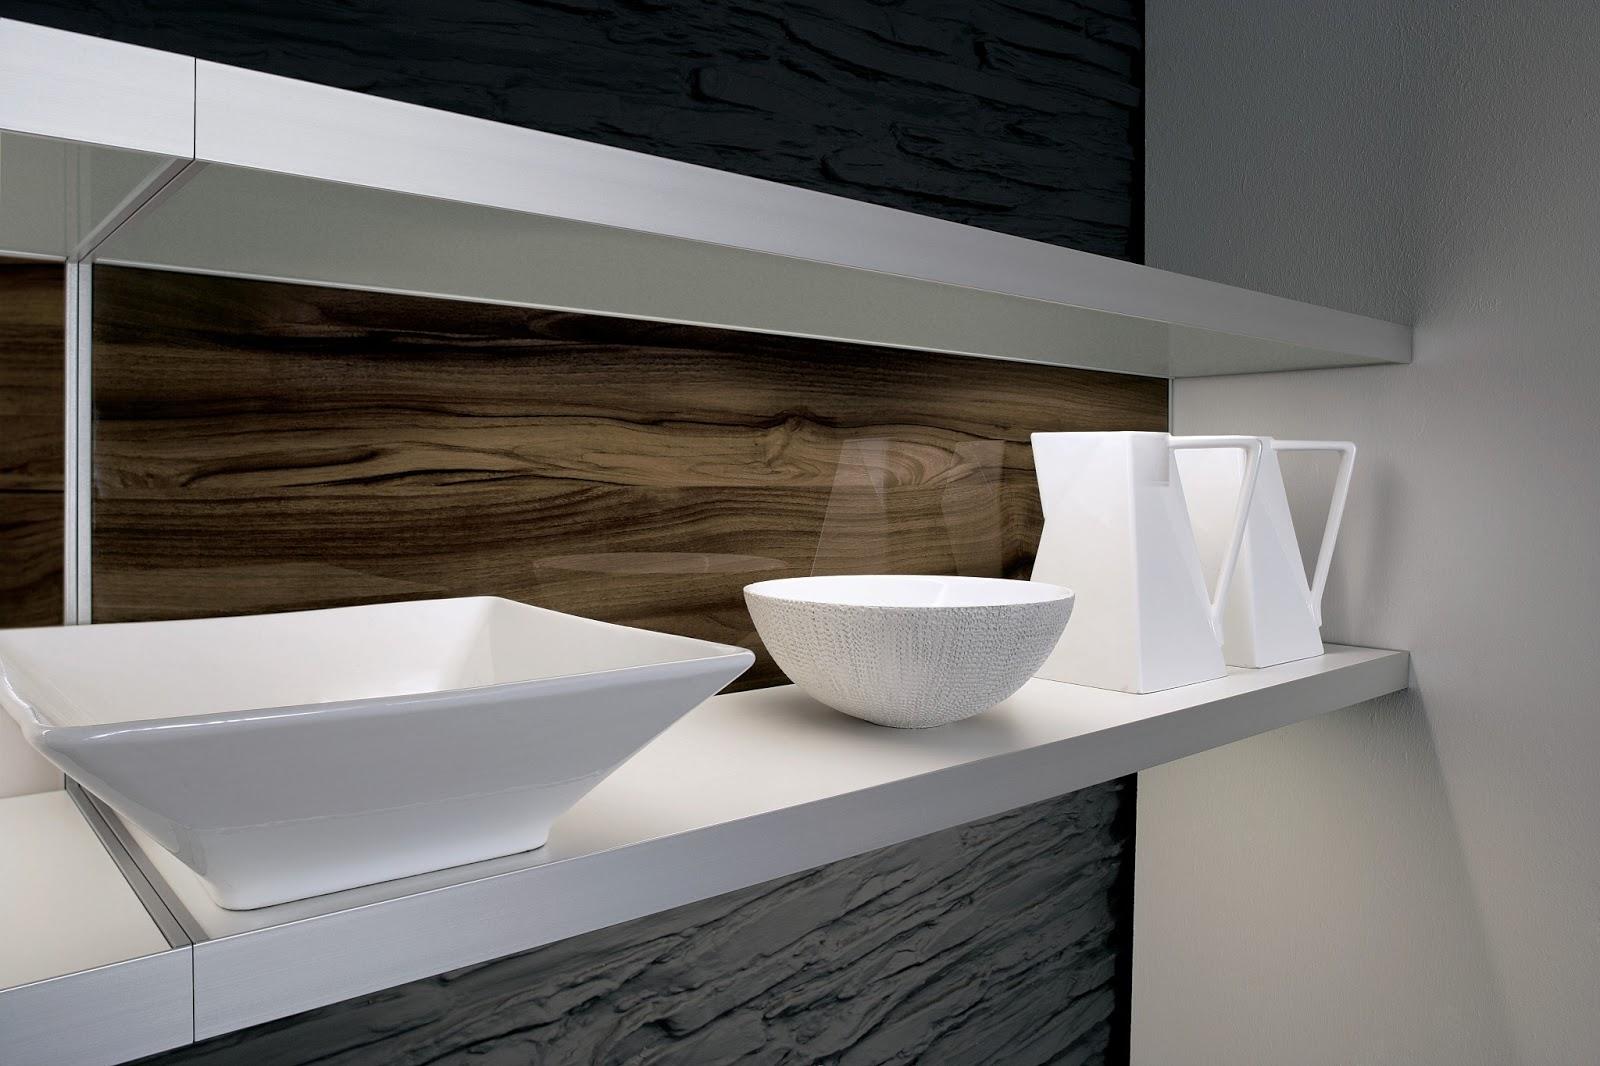 Mitigeur semi pro et façades de cuisine design en bois